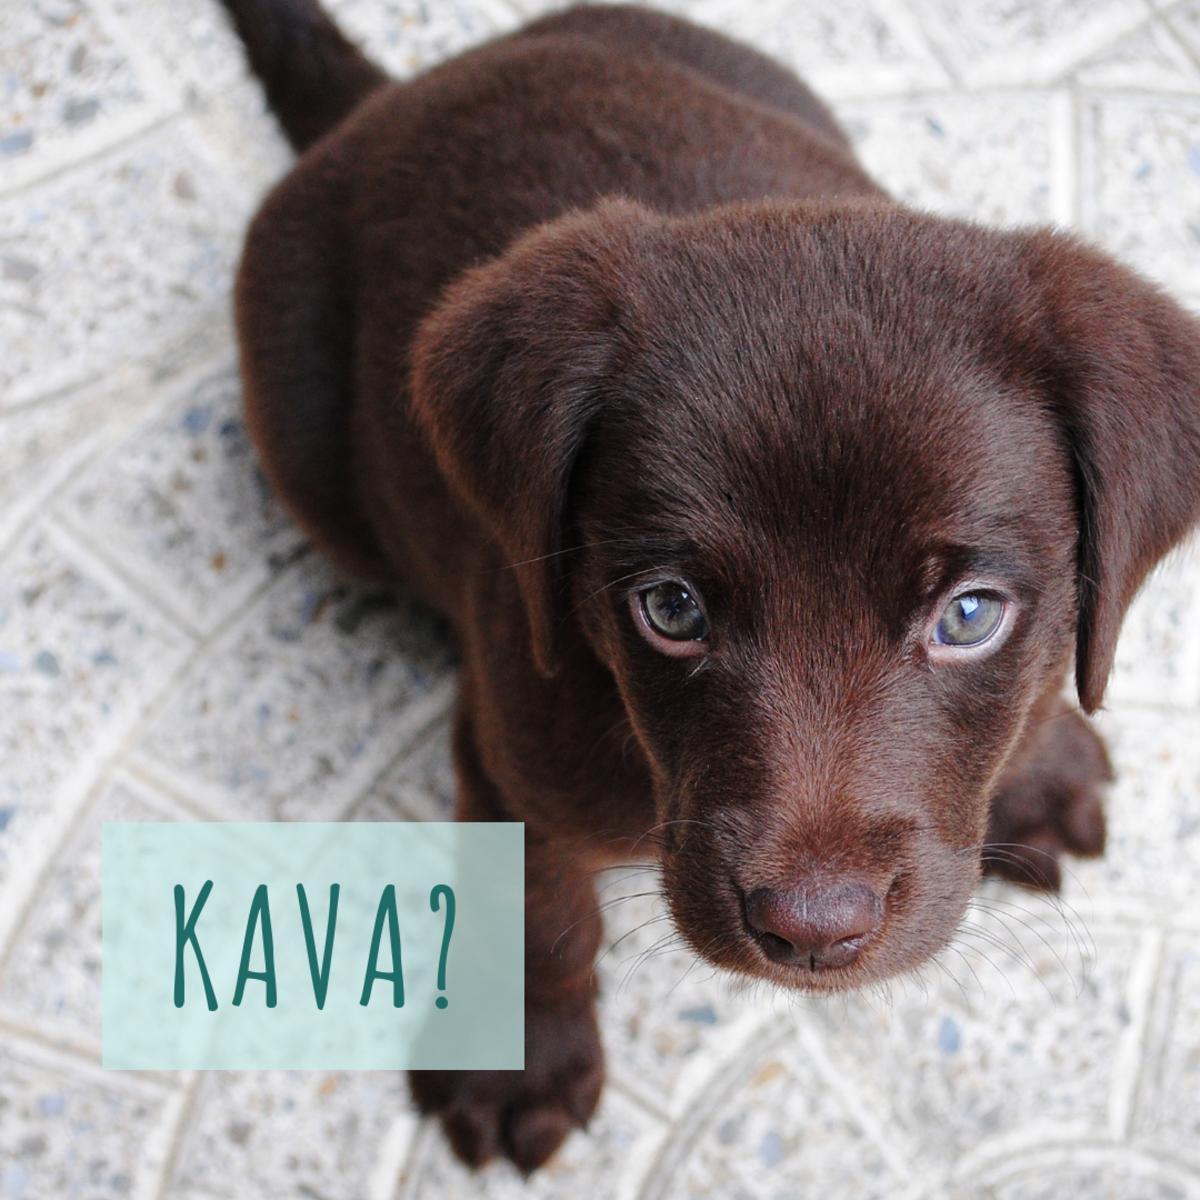 Is he a Kava?